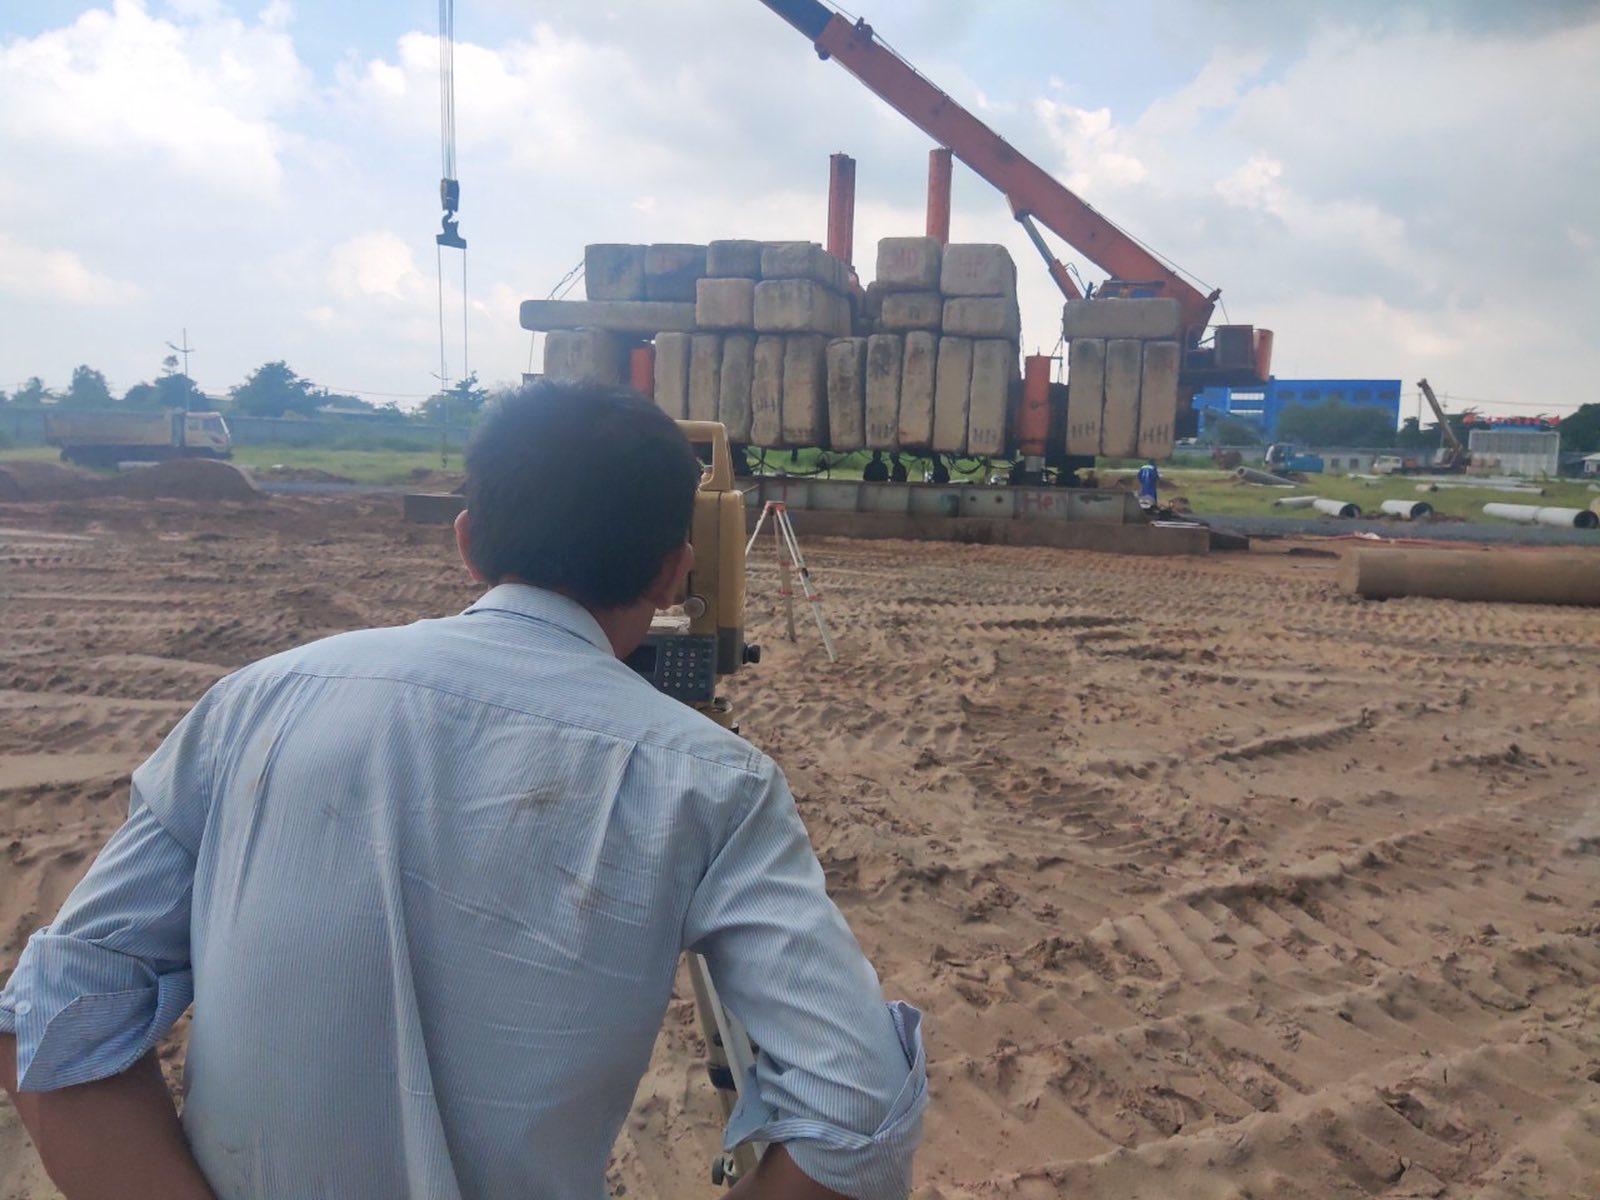 CĐT đang đẩy nhanh thi công phần móng cọc cho toàn dự án Westgate